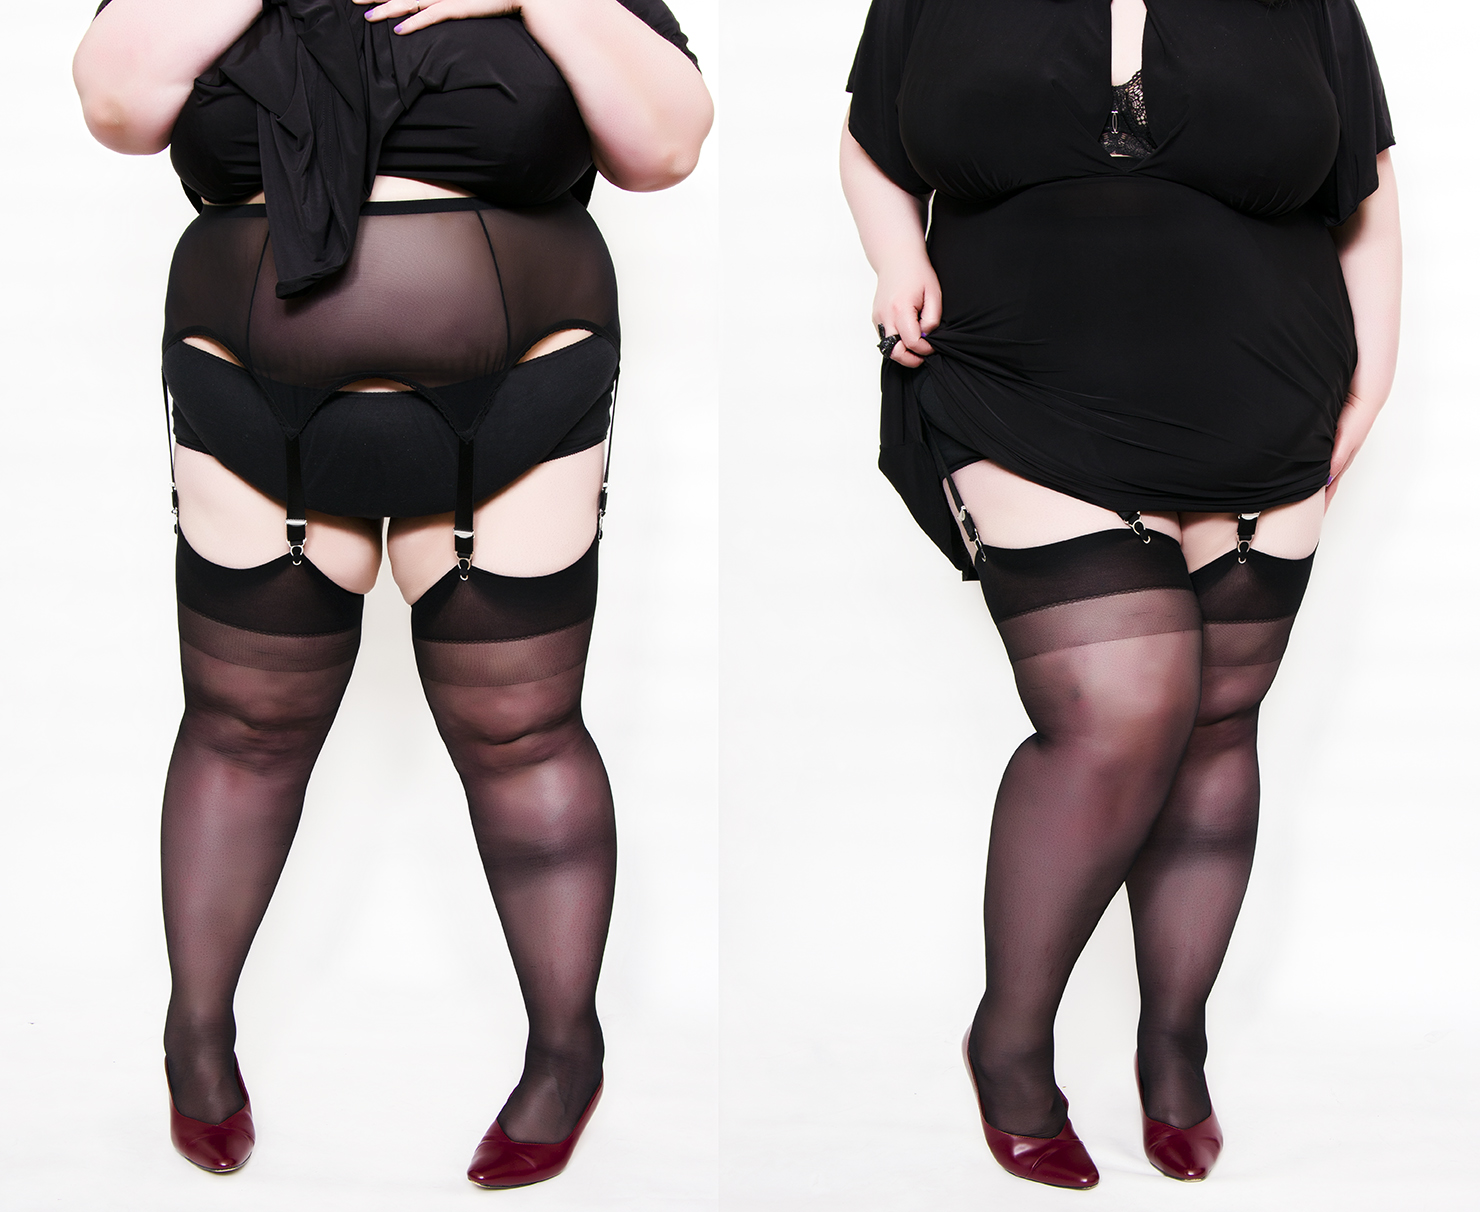 Stockings suspenders photos